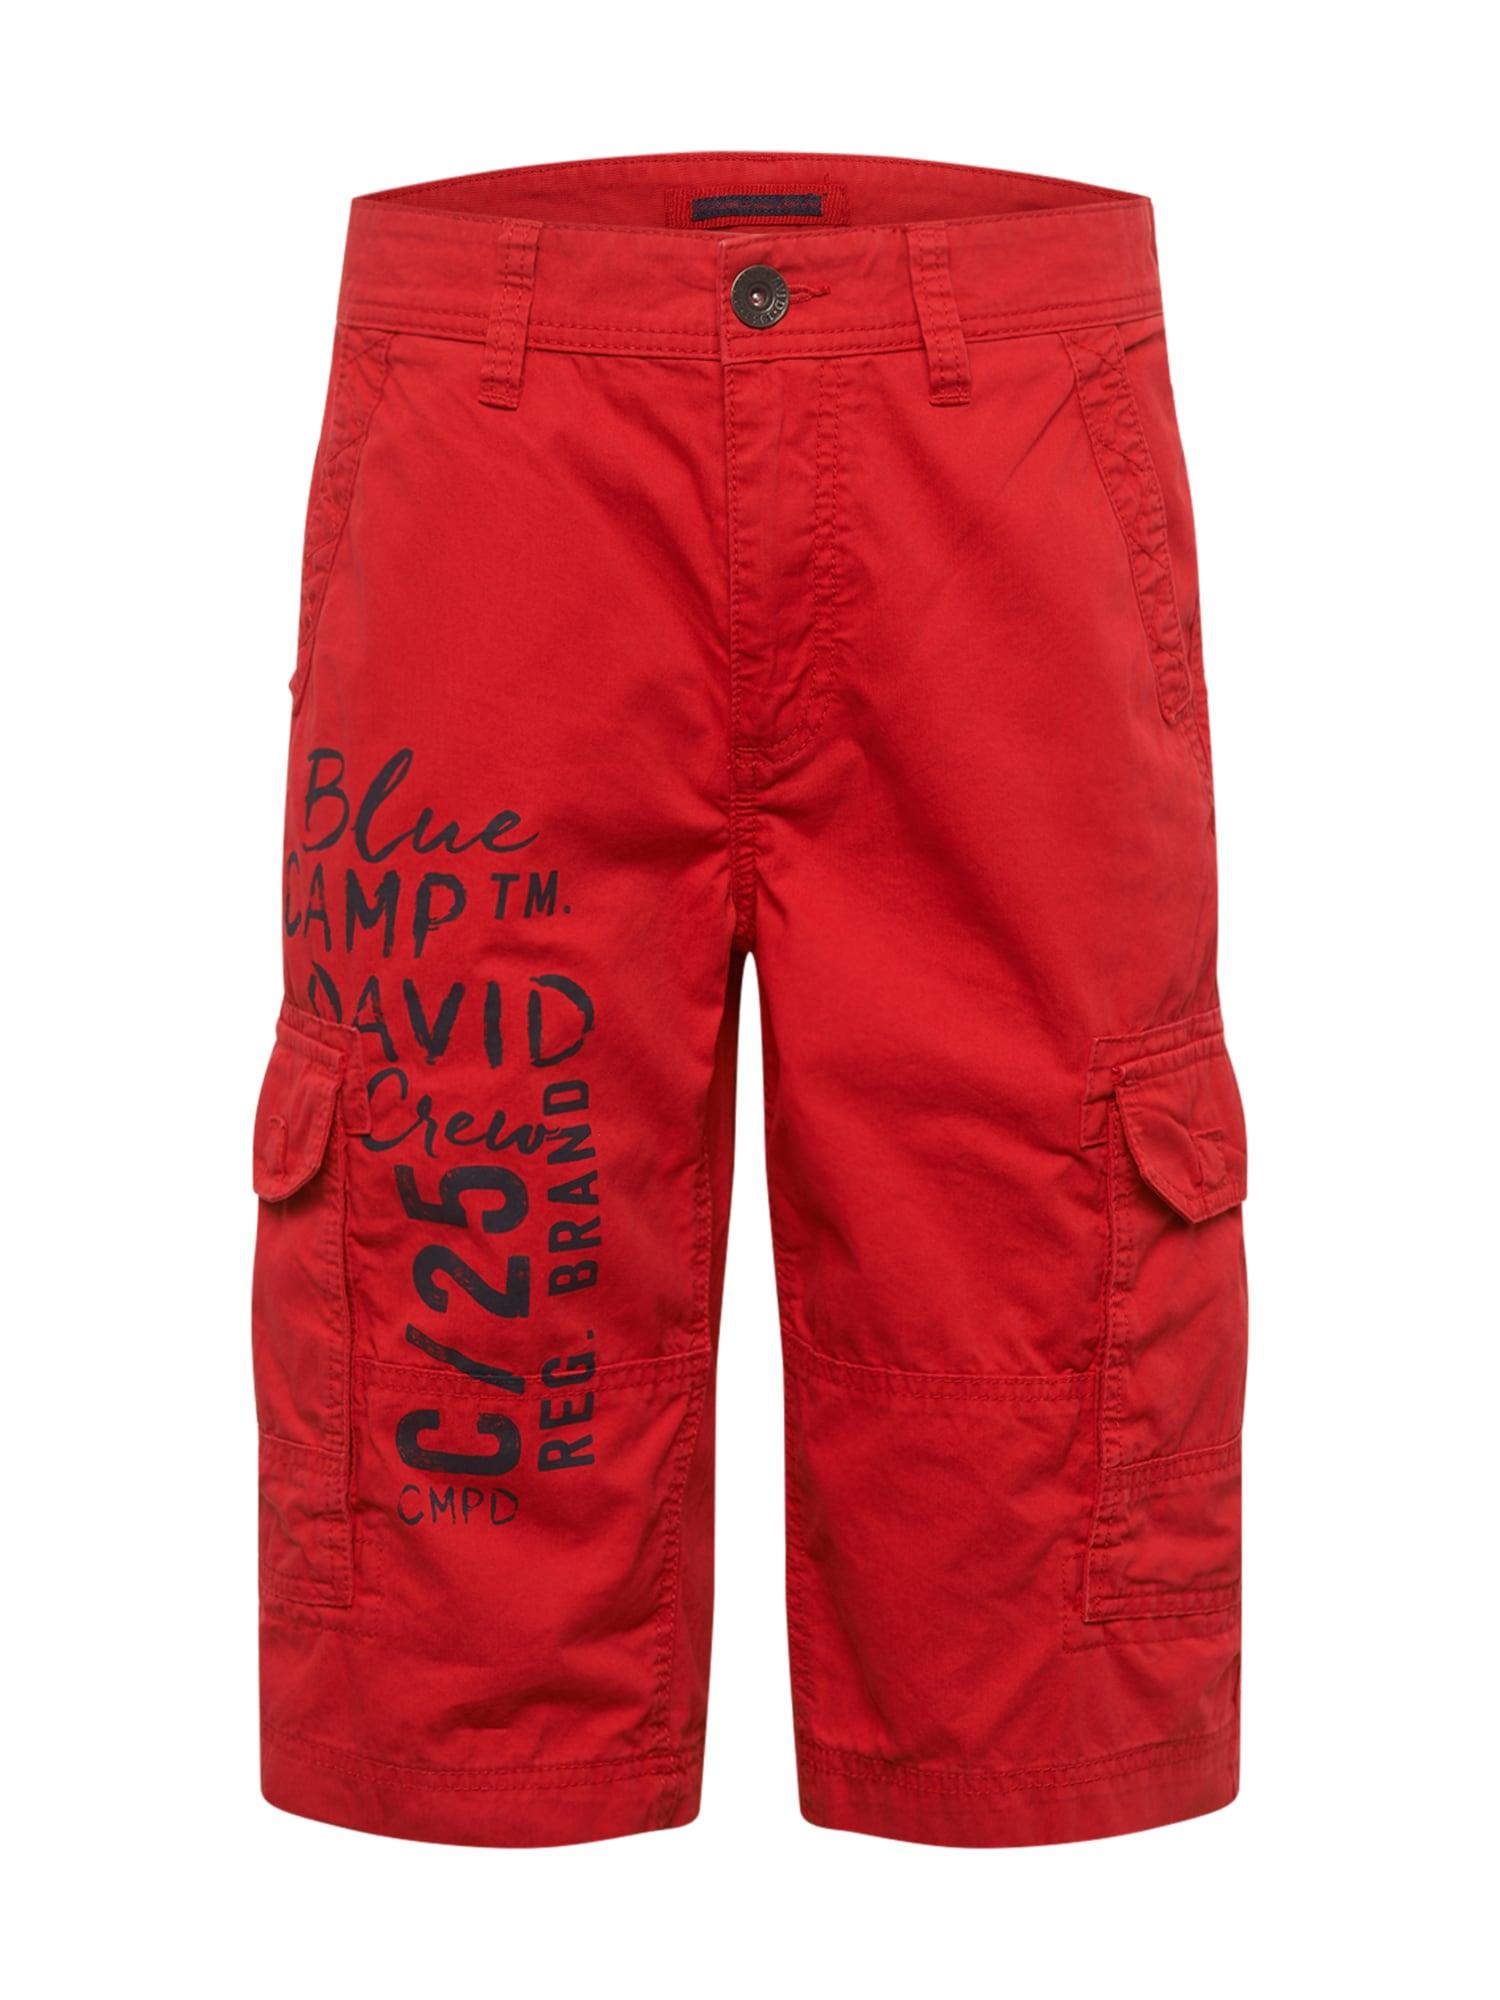 CAMP DAVID Laisvo stiliaus kelnės raudona